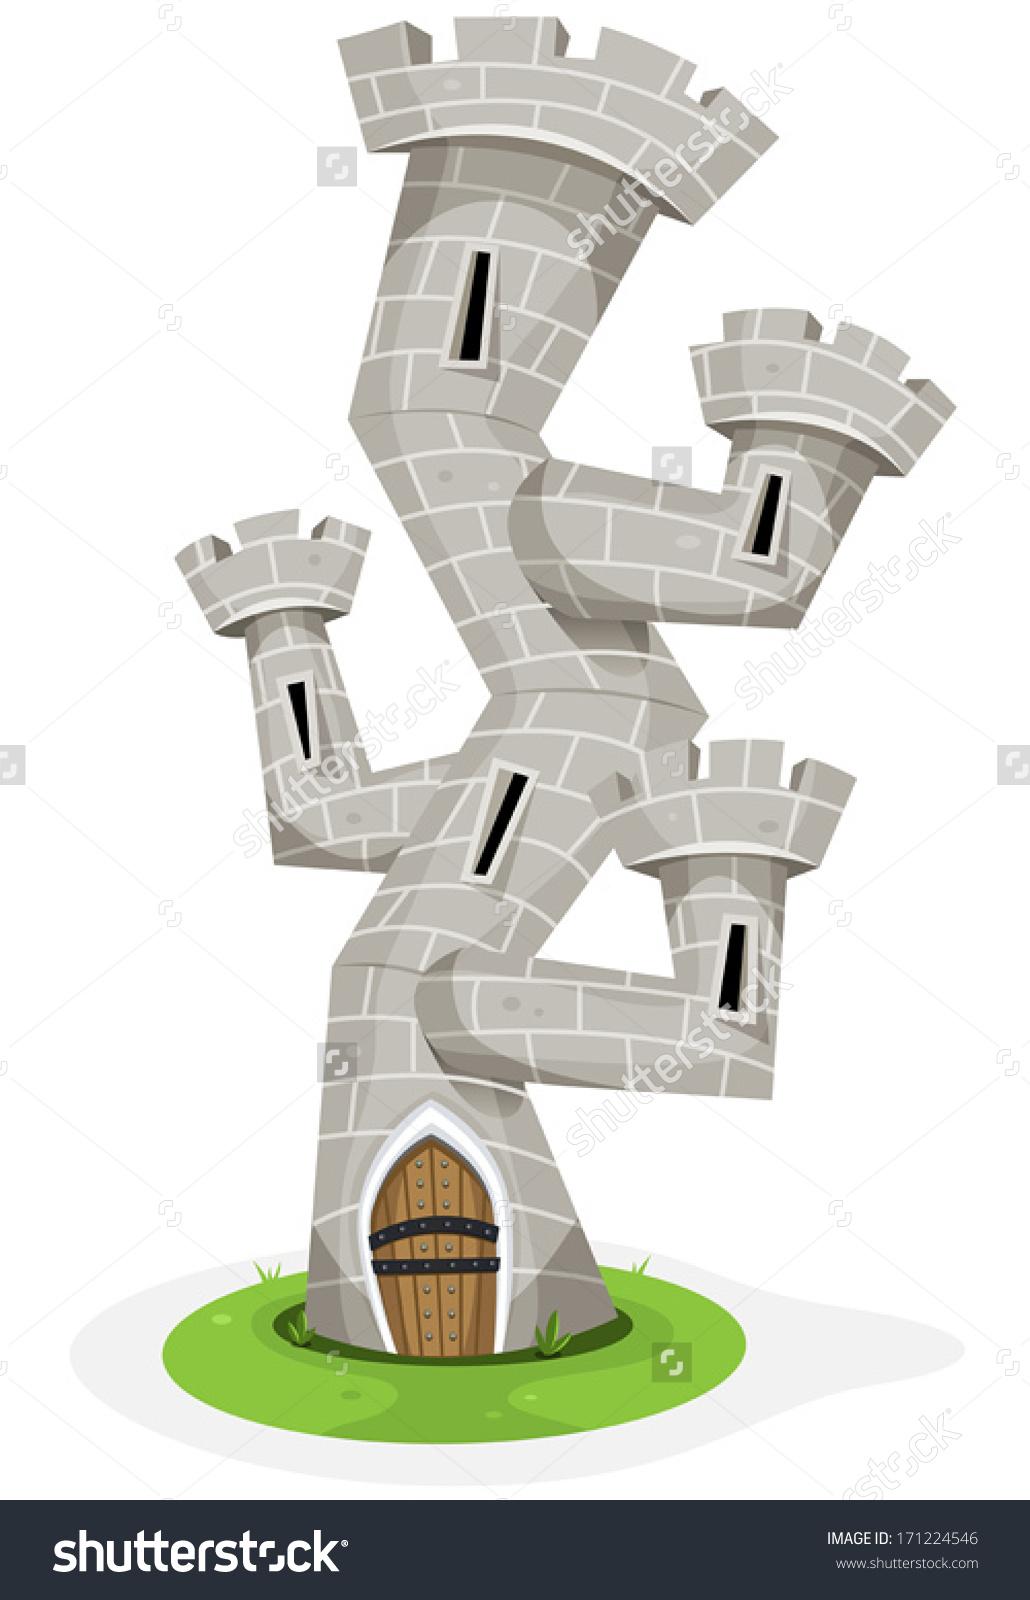 Fantasy Castle Tower Illustration Funny Cartoon Stock Vector.